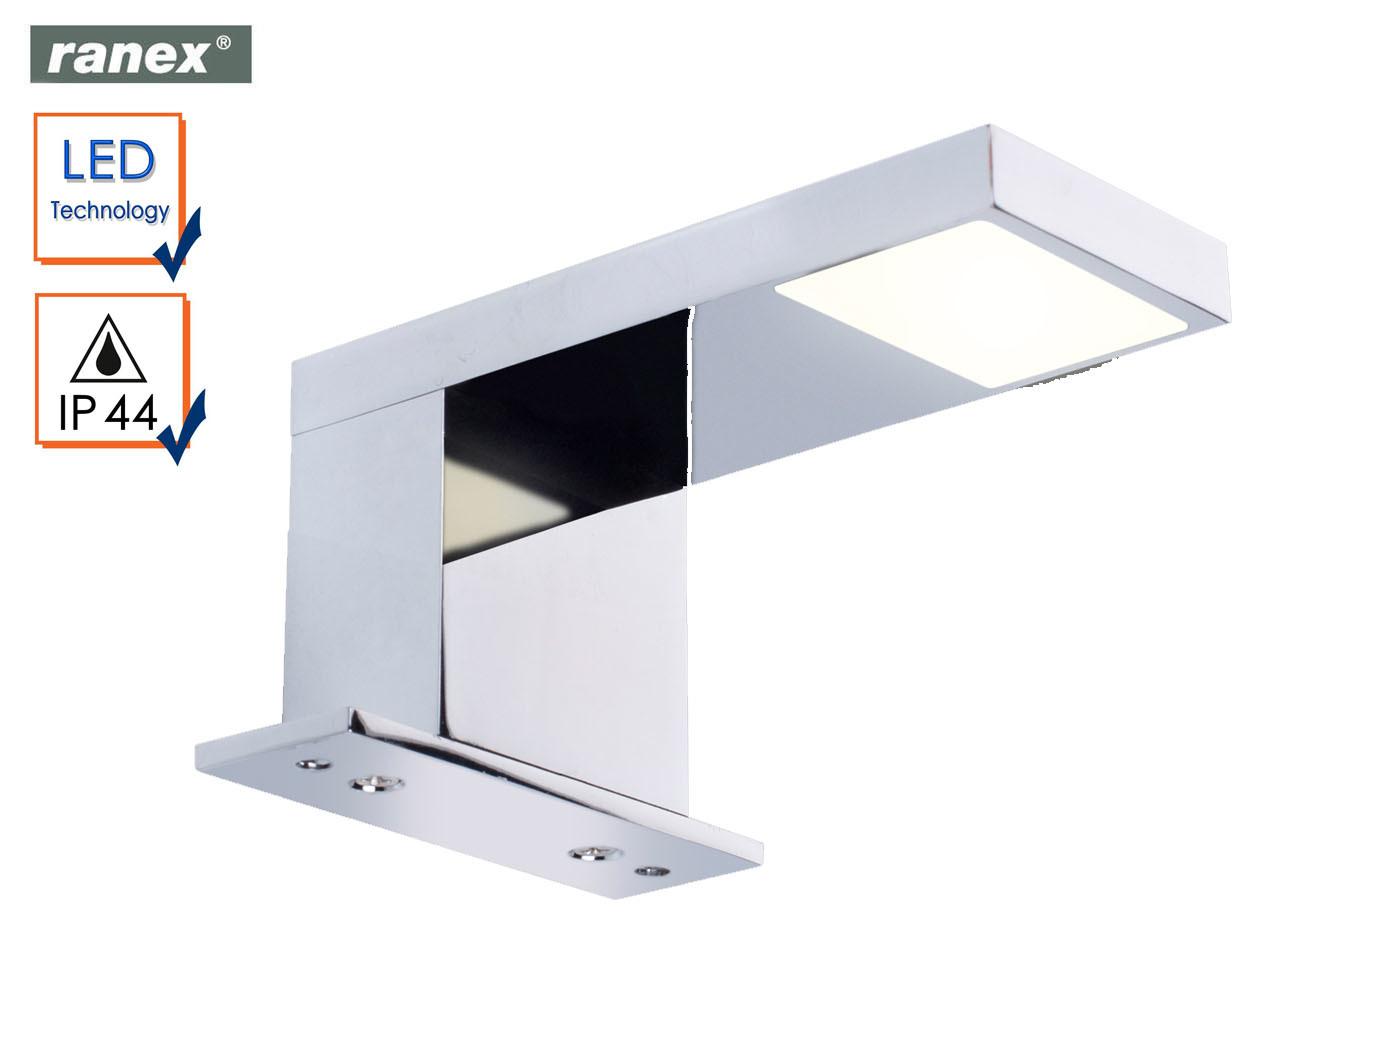 Details zu LED Wandleuchte fürs Badezimmer, Spiegelleuchte Chrom Wandlampe  Spiegel Bad